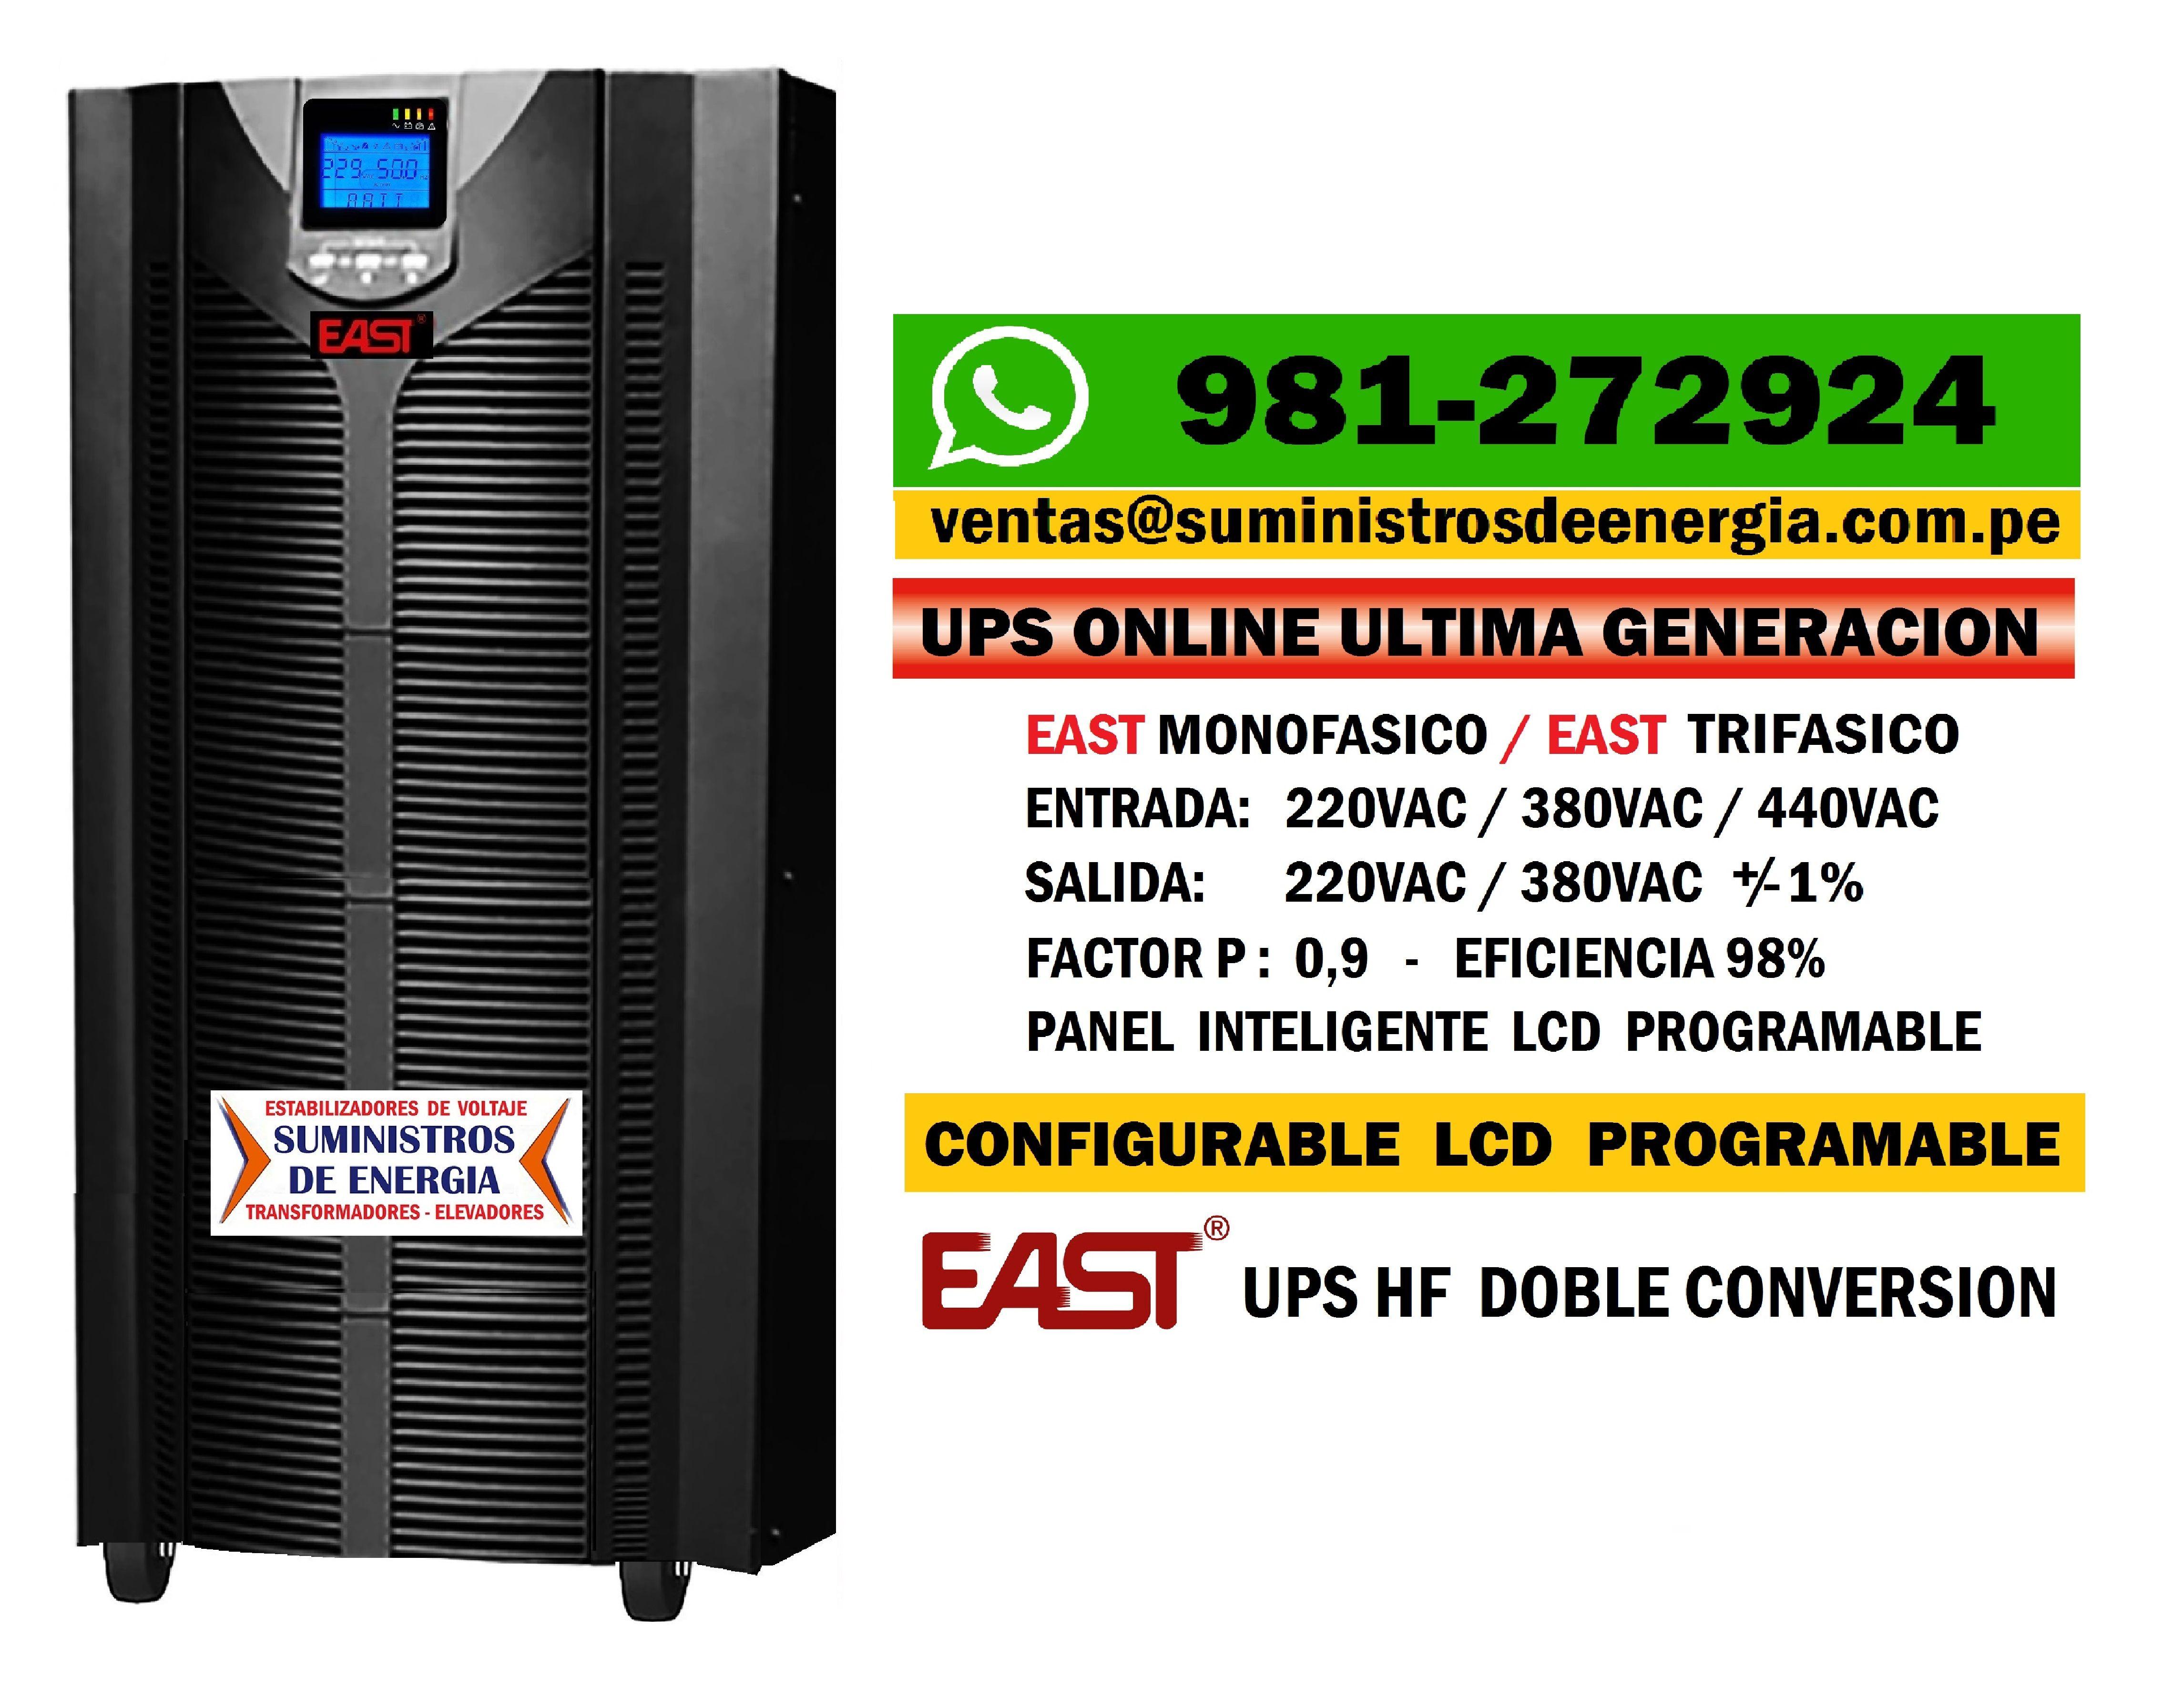 Hotmailcomcom